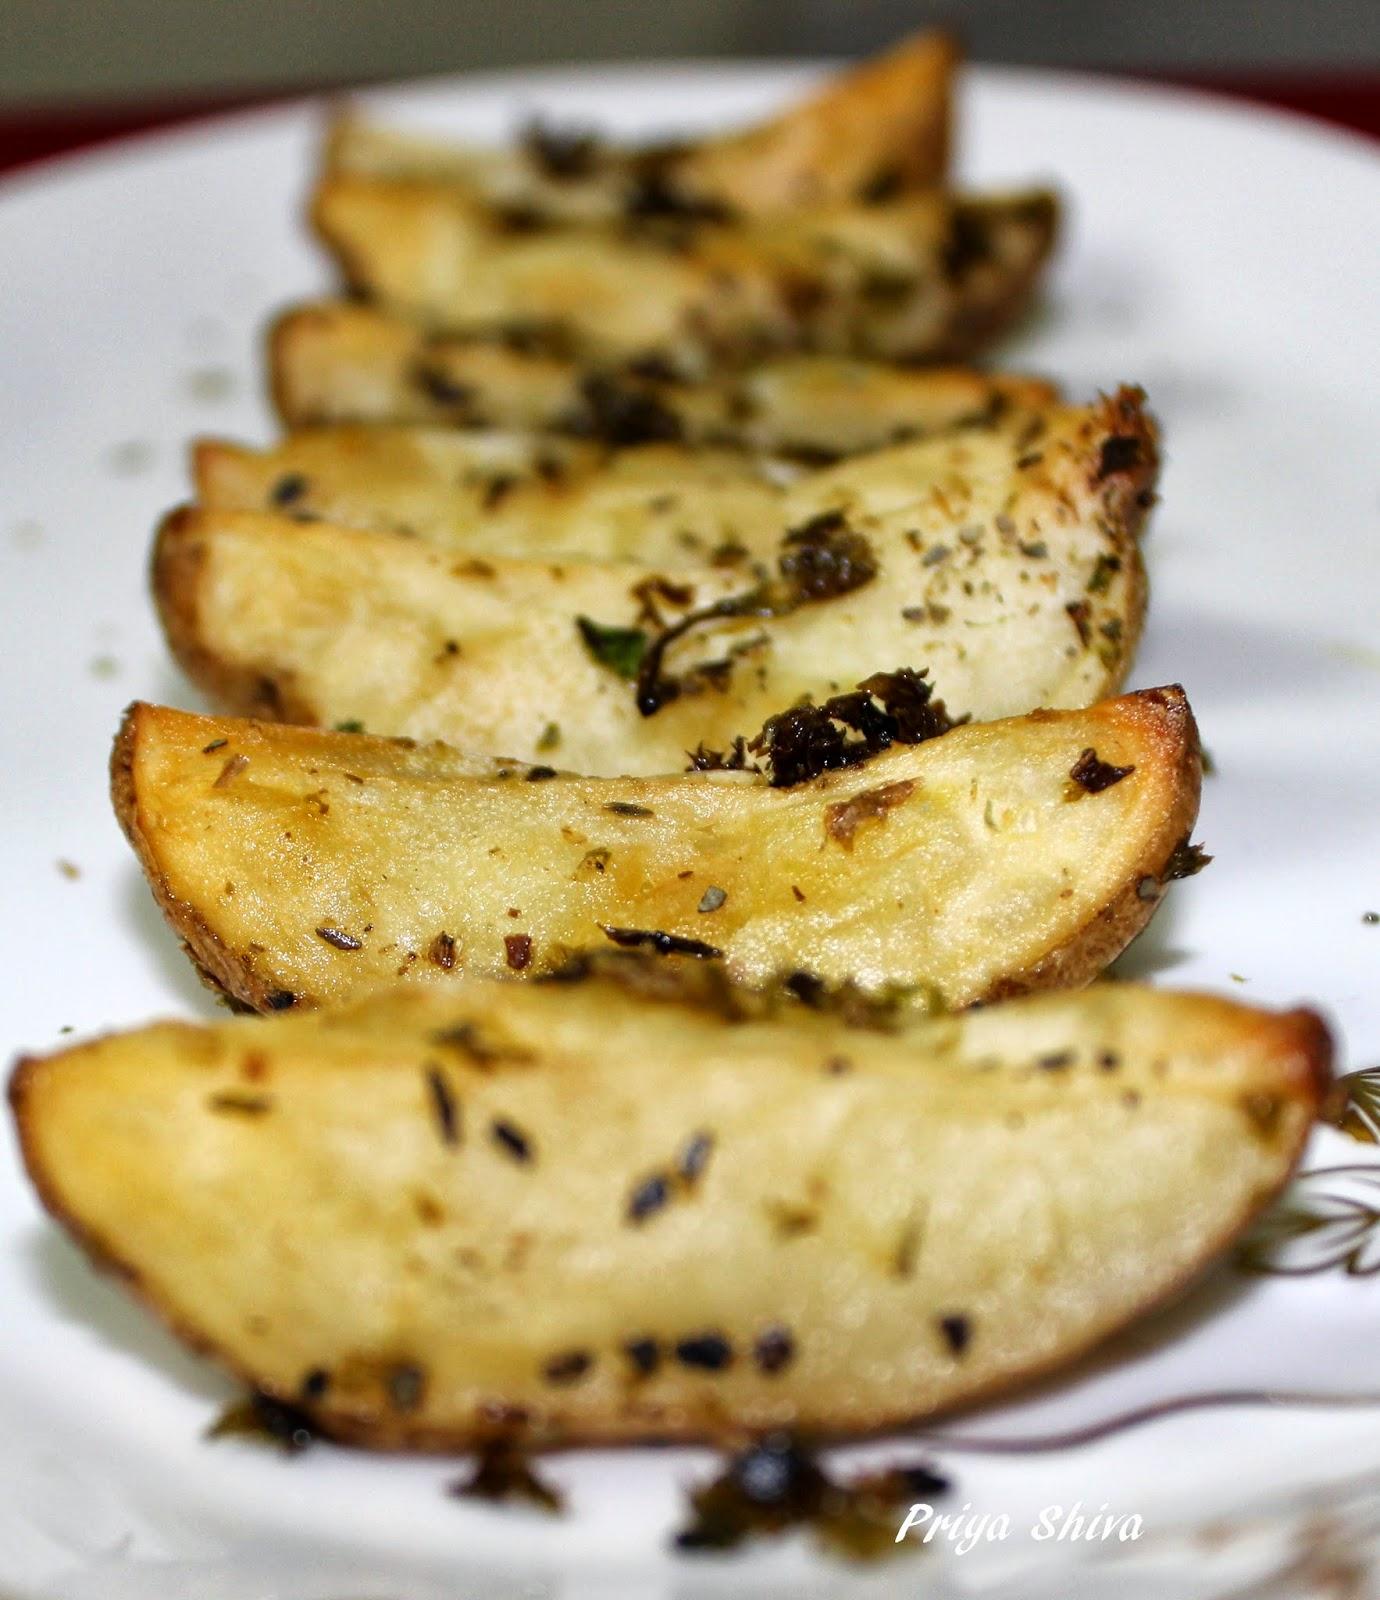 baked parsley potato